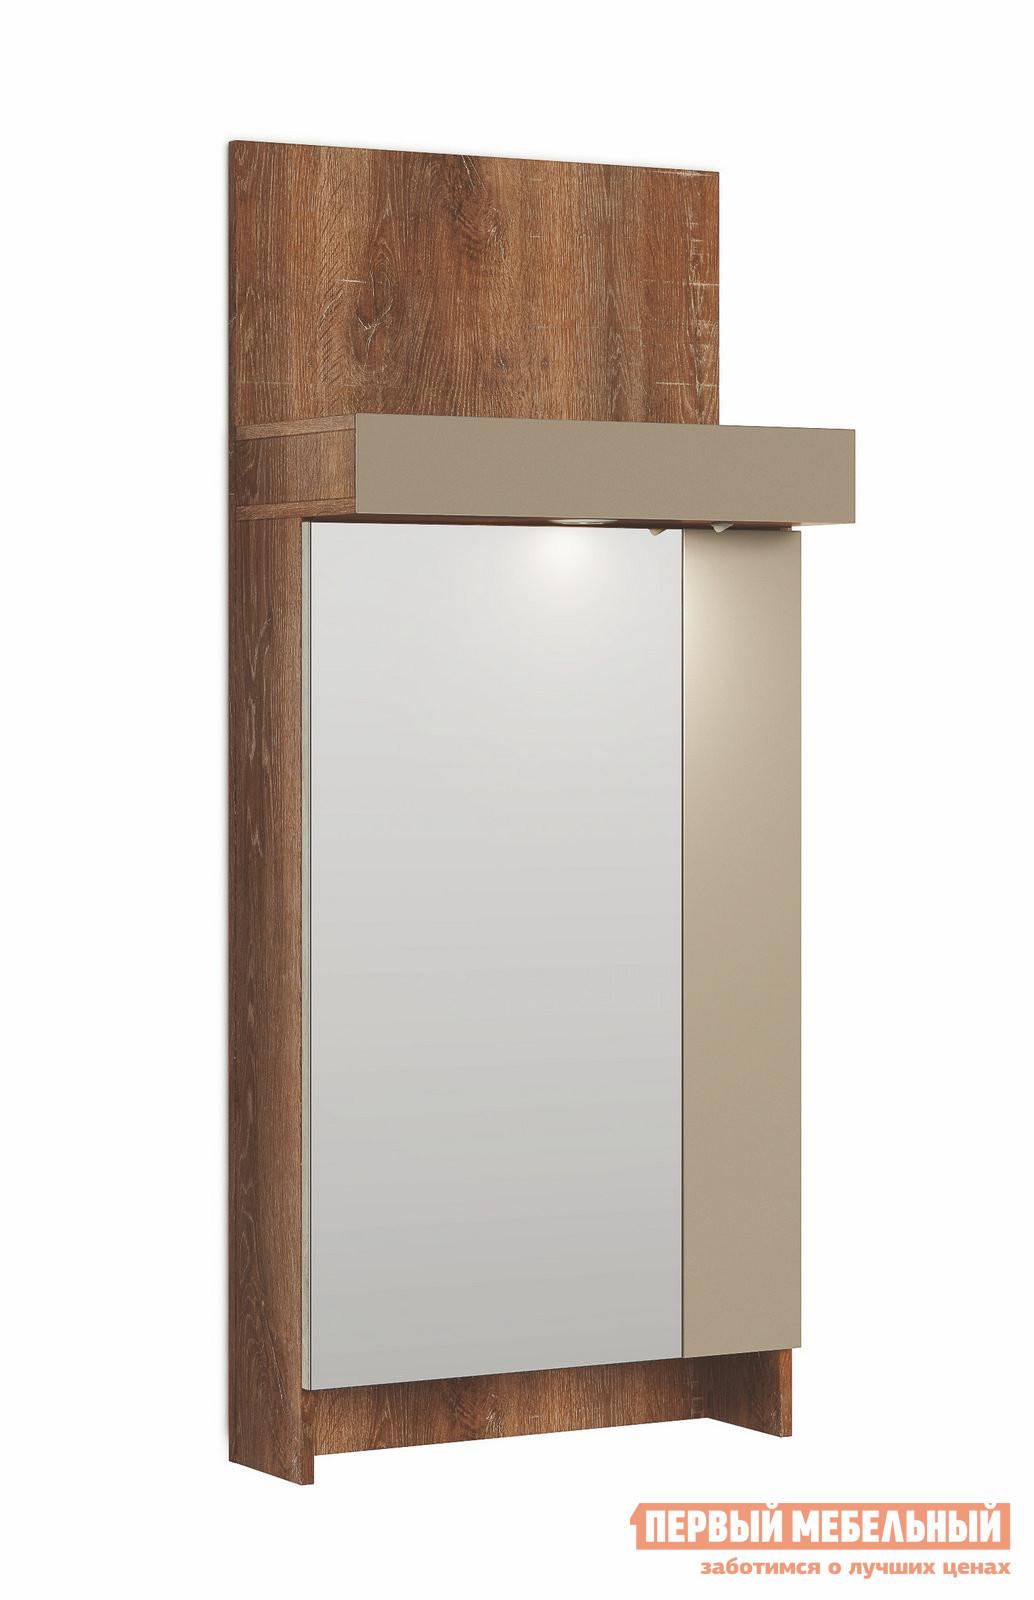 Настенное зеркало МСТ Прованс мод № 12 зеркало диван ру прованс